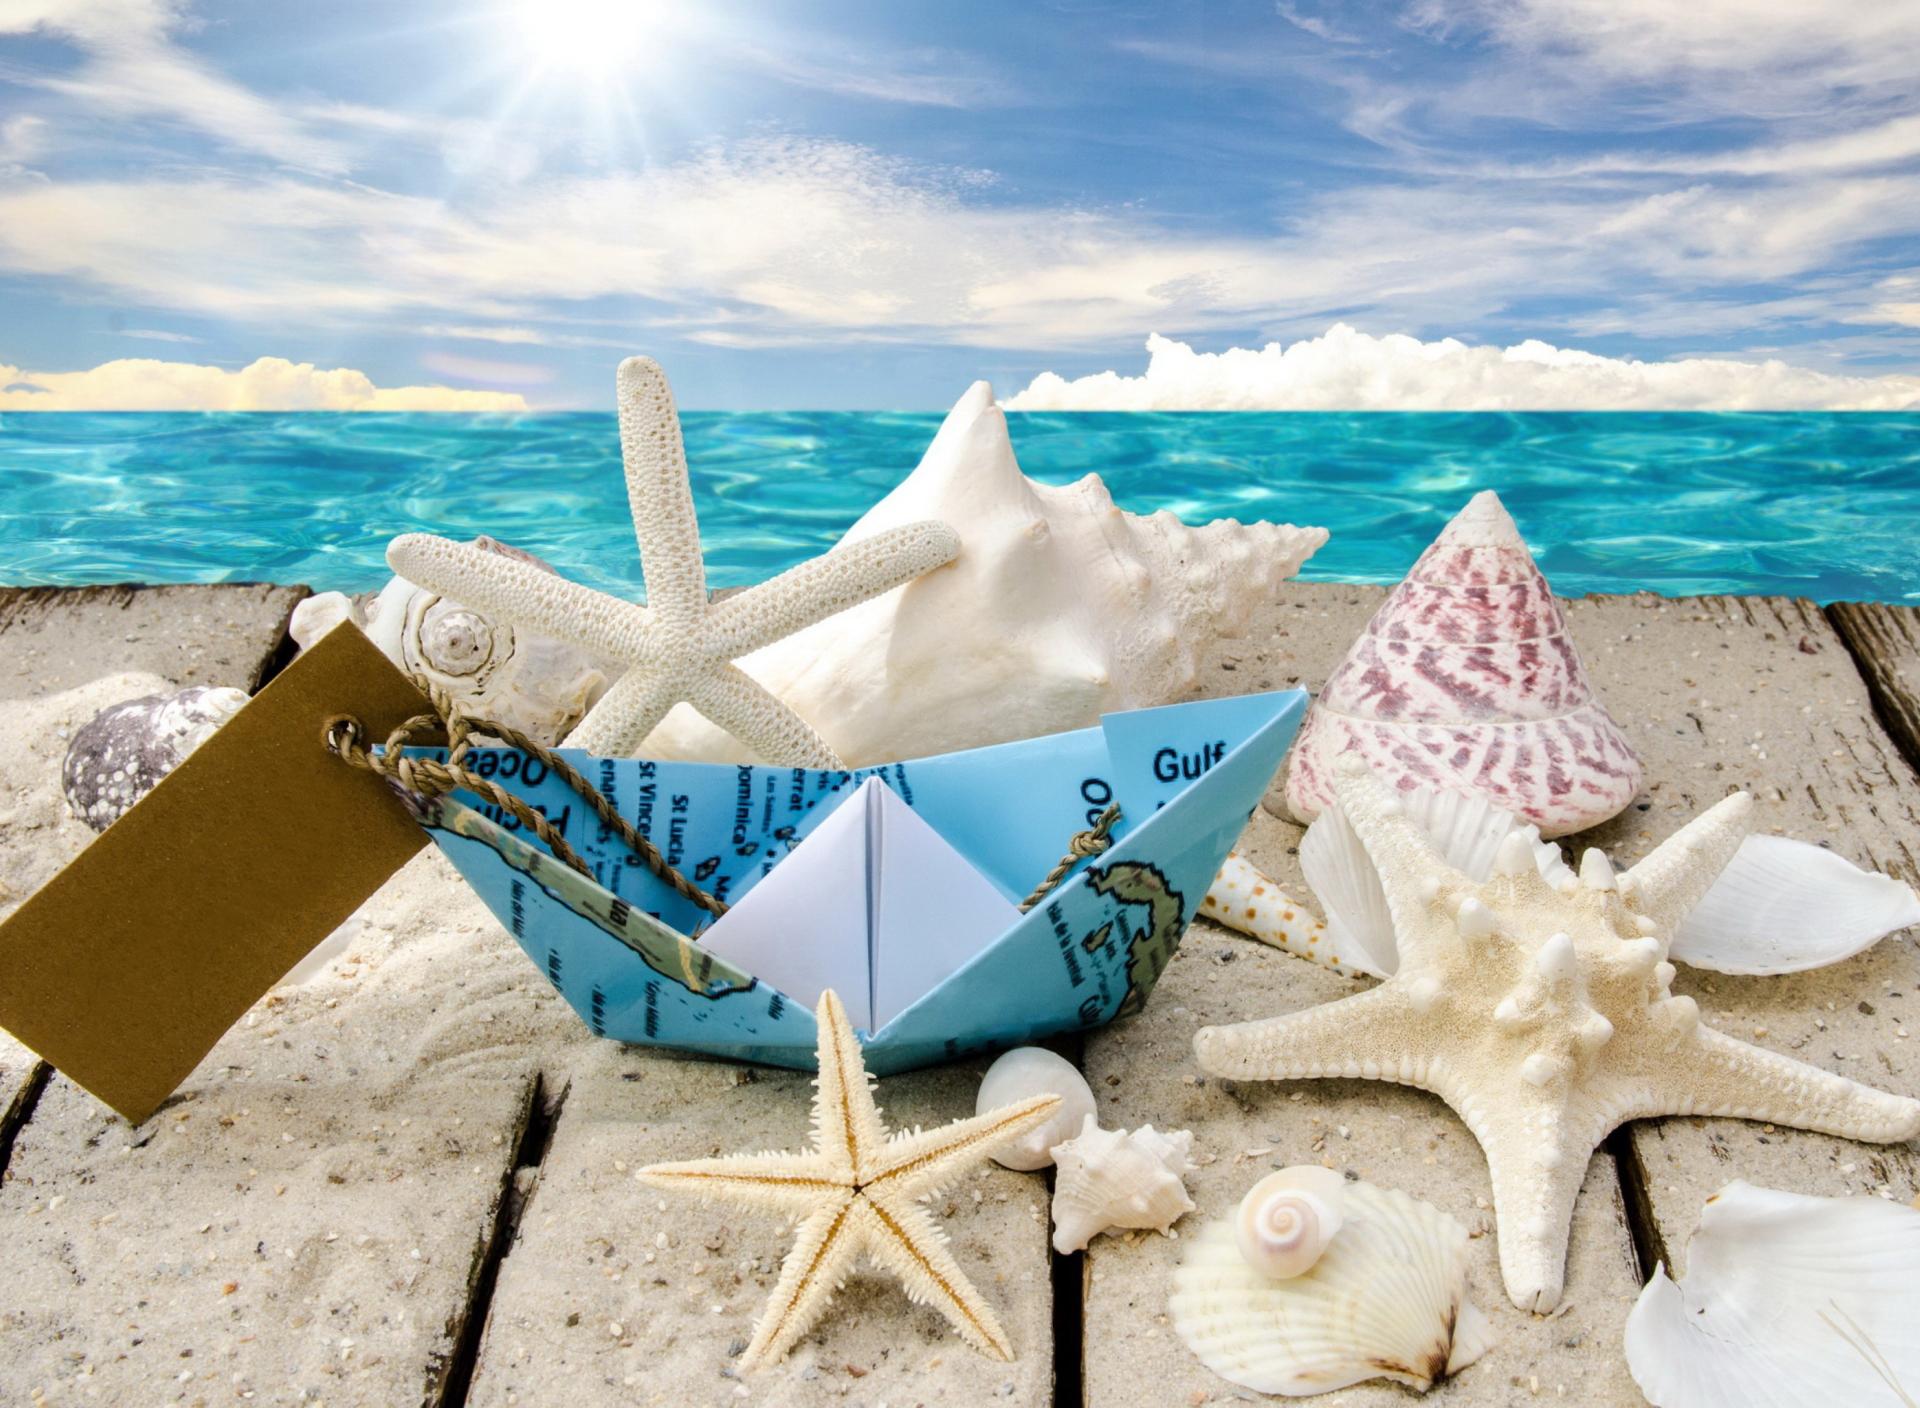 картинки на стол отпуск мобилографии анализируется